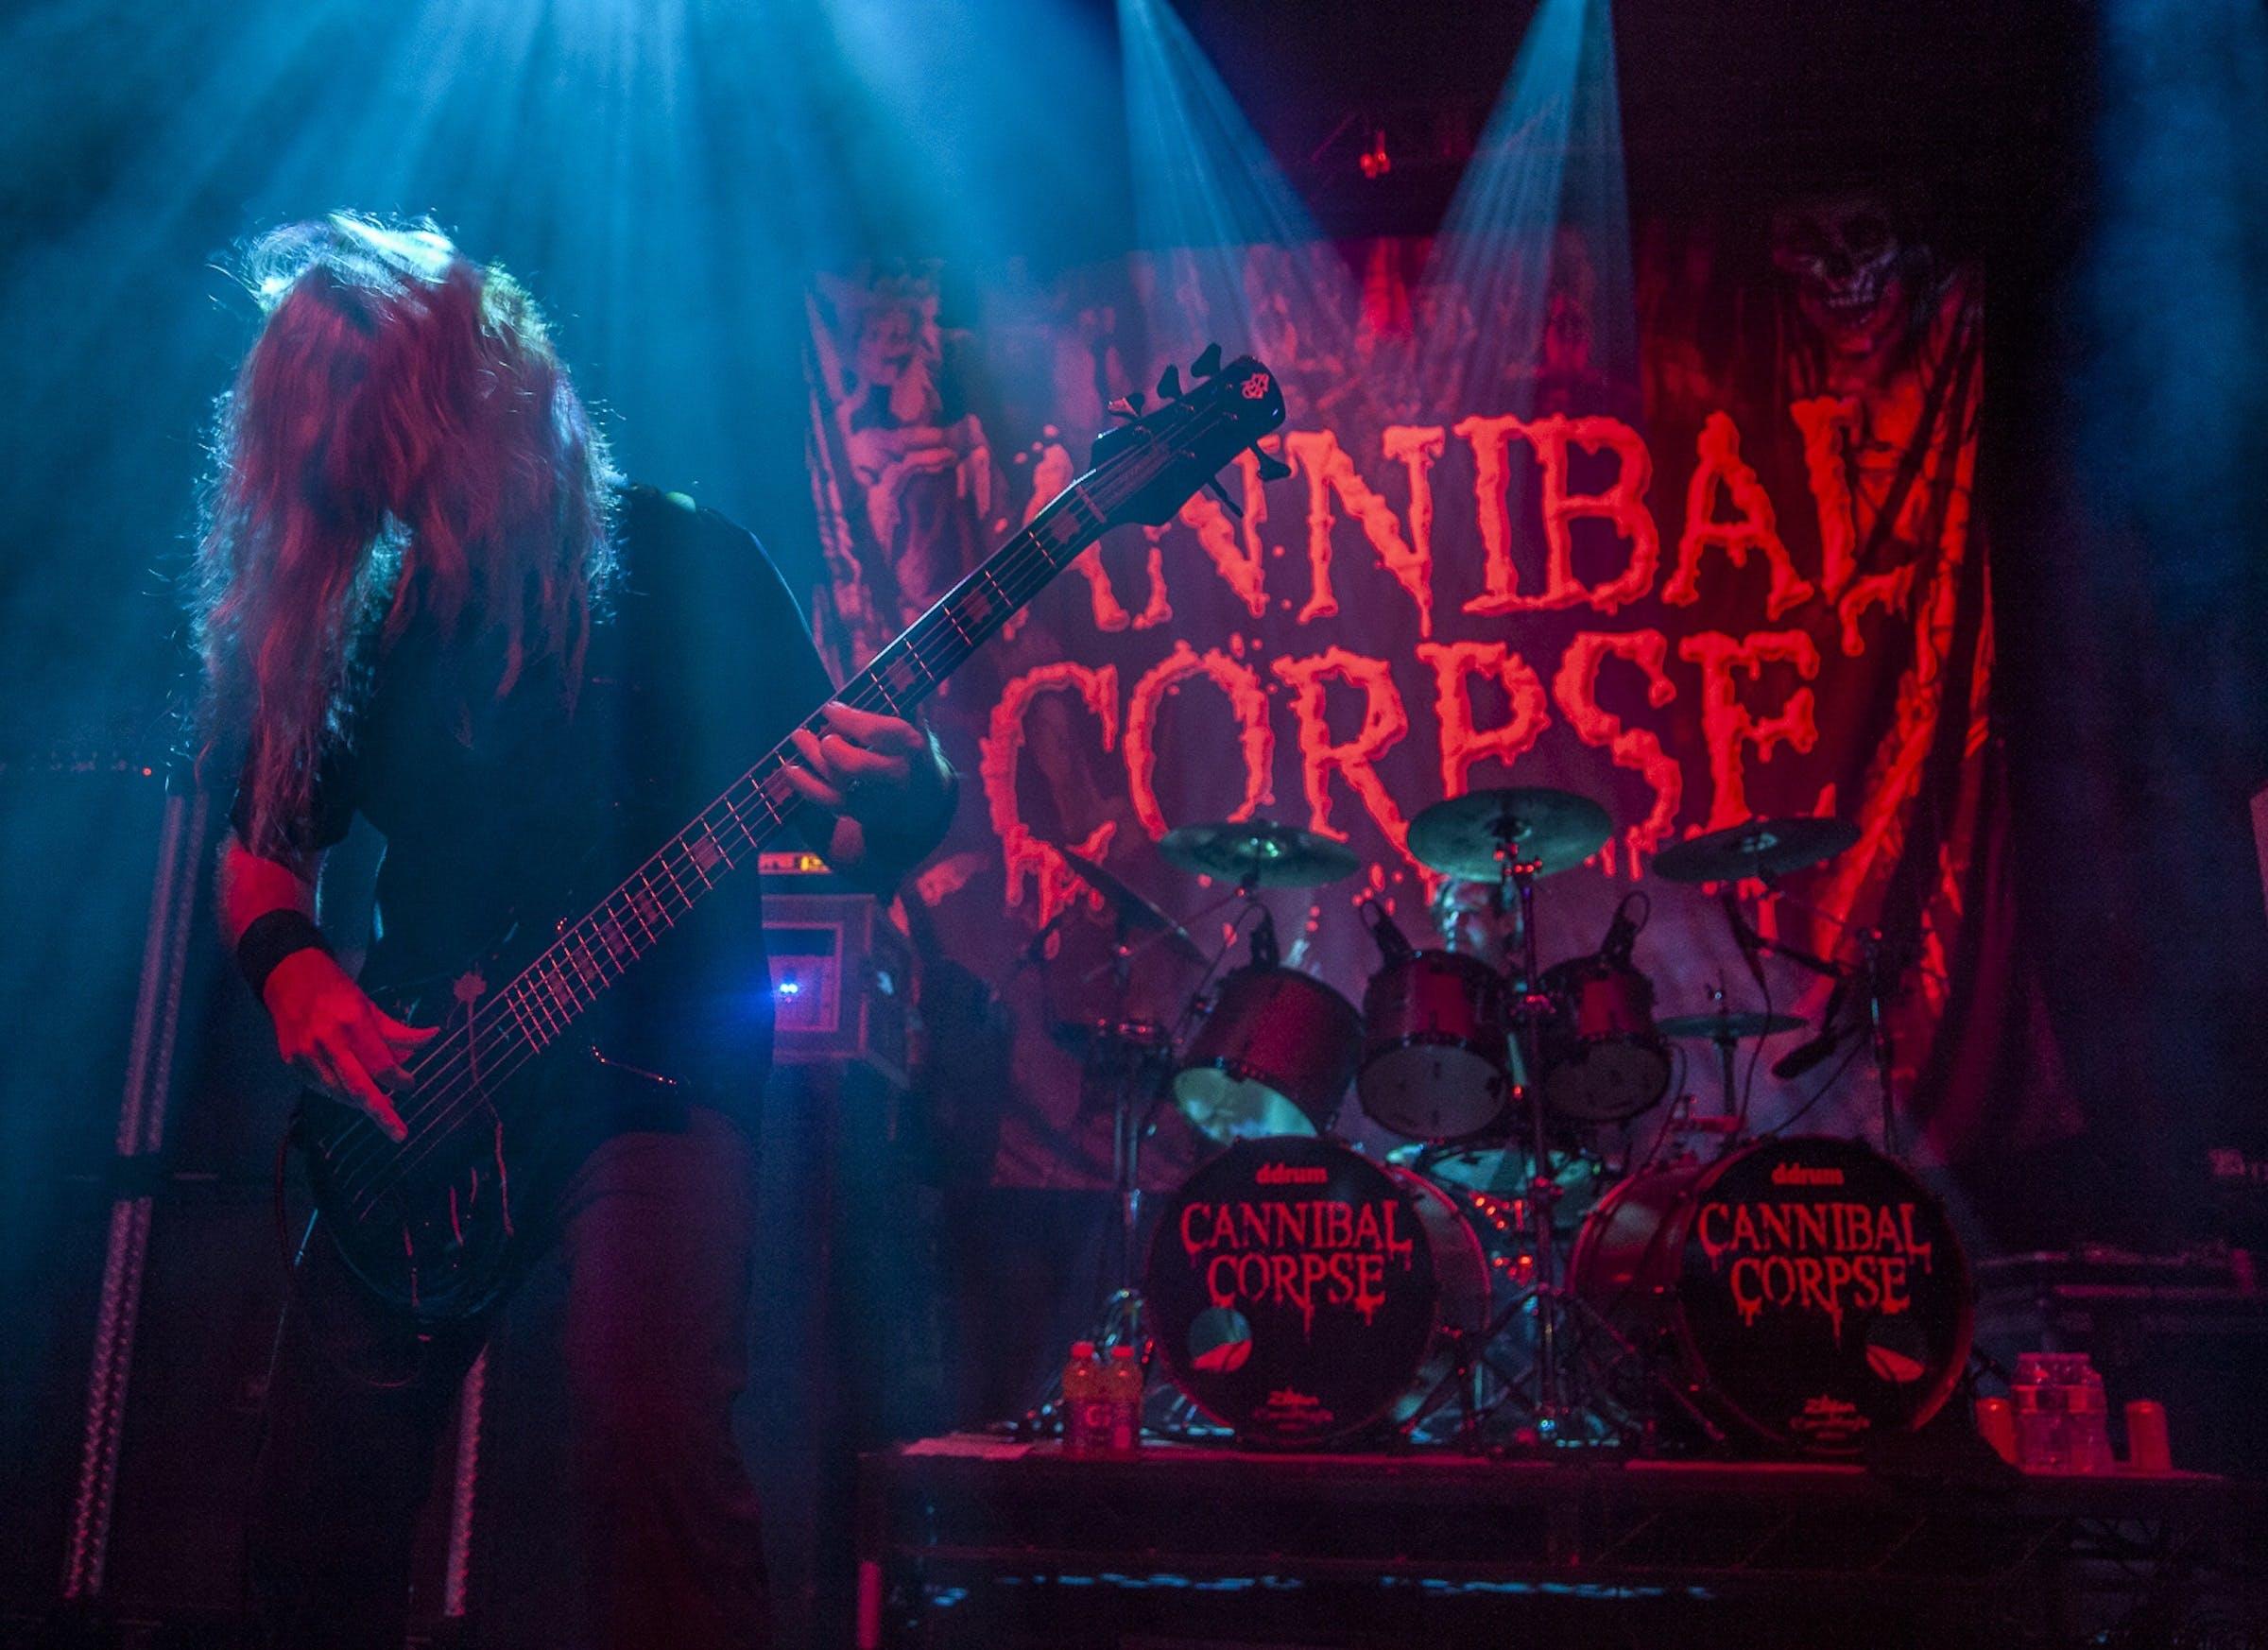 Cc 12 Corpse